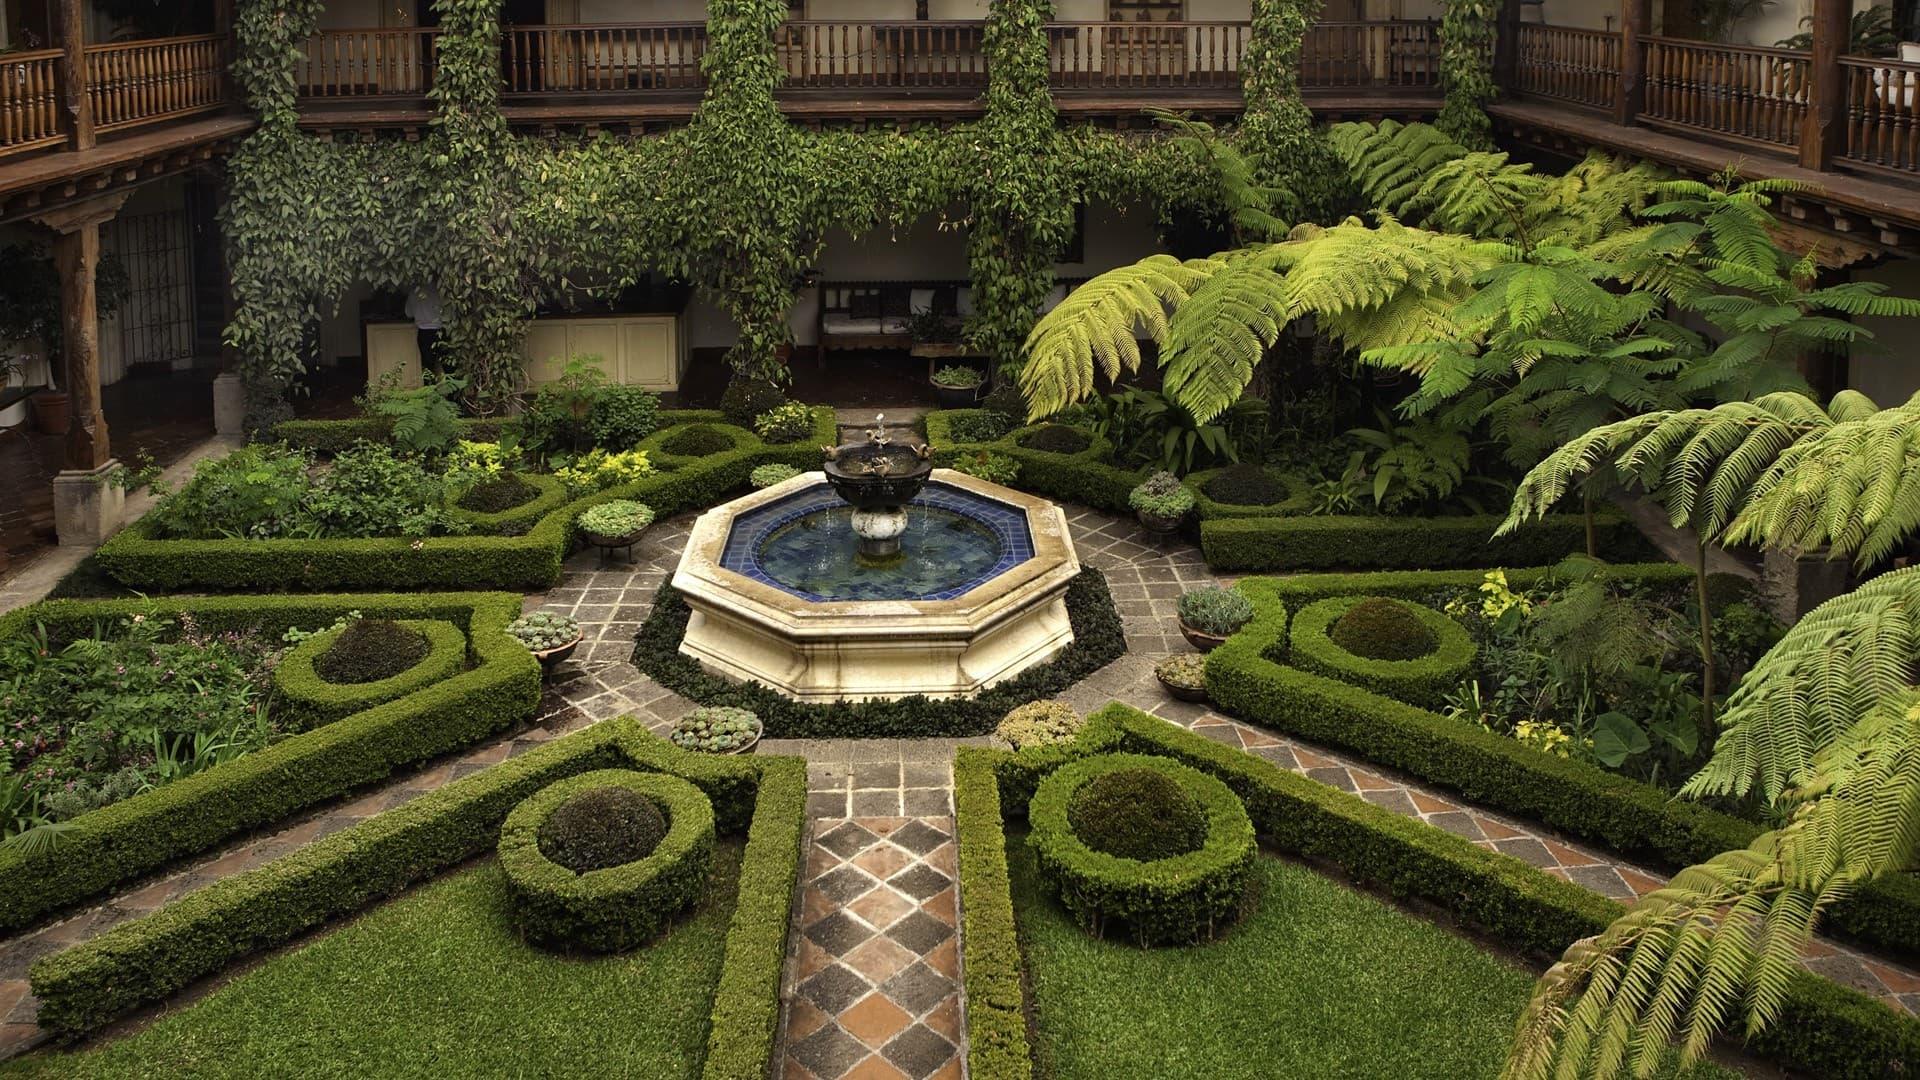 Фонтан в саду, как малая архитектурная форма, поможет создать уникальный и очень красивый ландшафтный дизайн